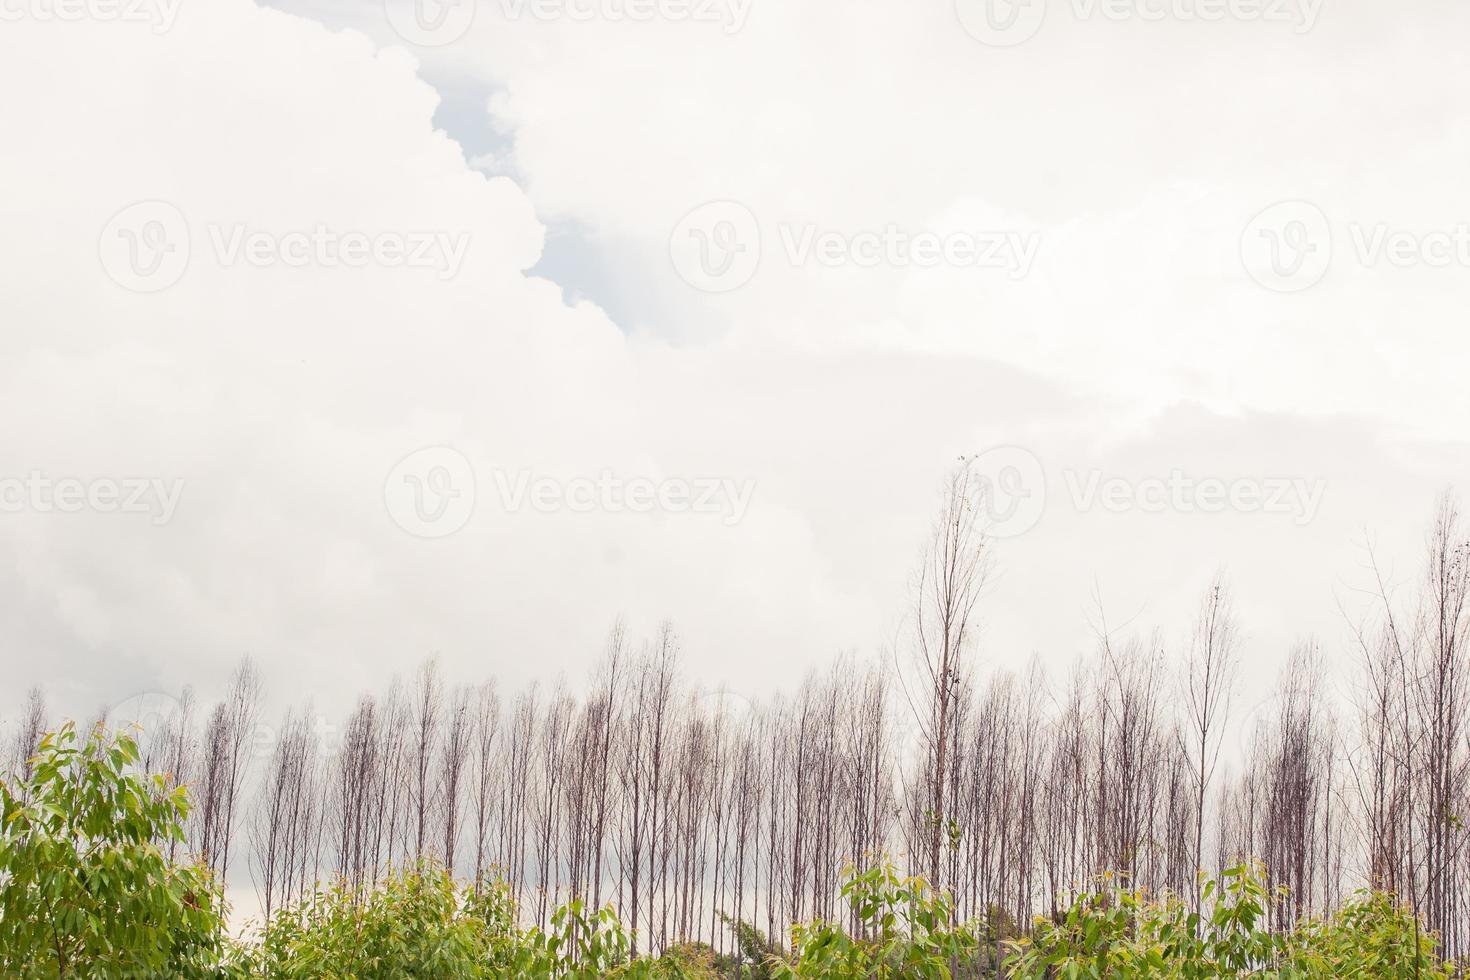 arbres secs dans le ciel nuageux photo